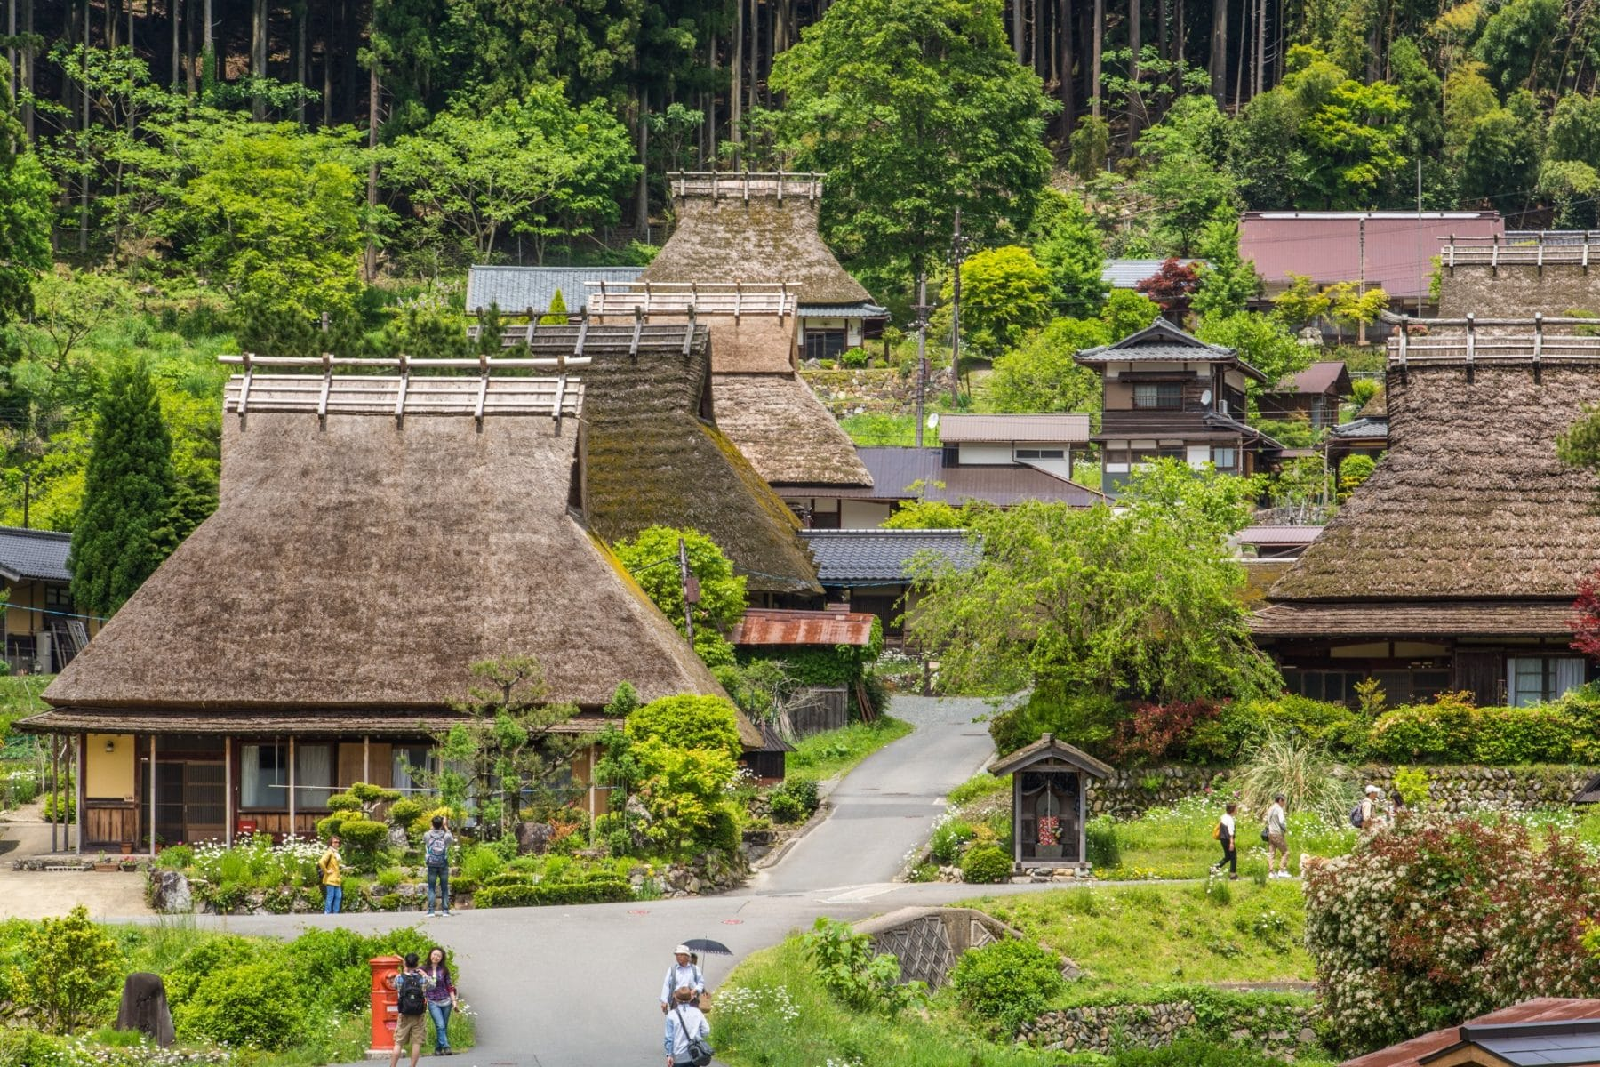 village miyama kayabuki-no-sato - kyoto prefecture japon